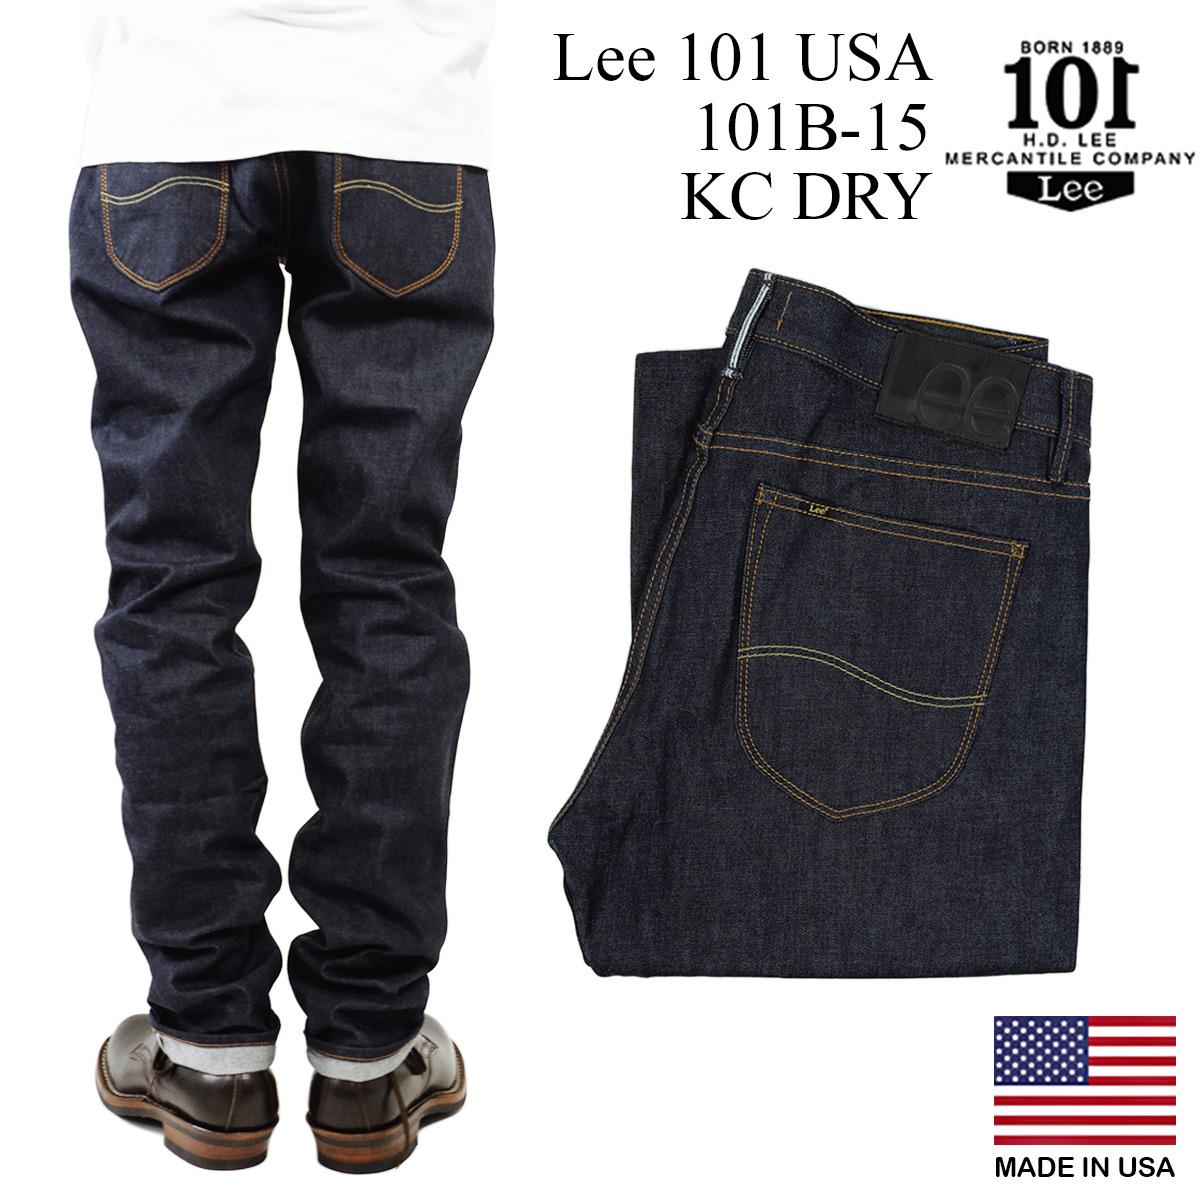 リー 101 USA Lee 101B-15 リーンストレート KCドライ (アメリカ製 米国製 MADE IN USA 生デニム セルビッジ 14oz)